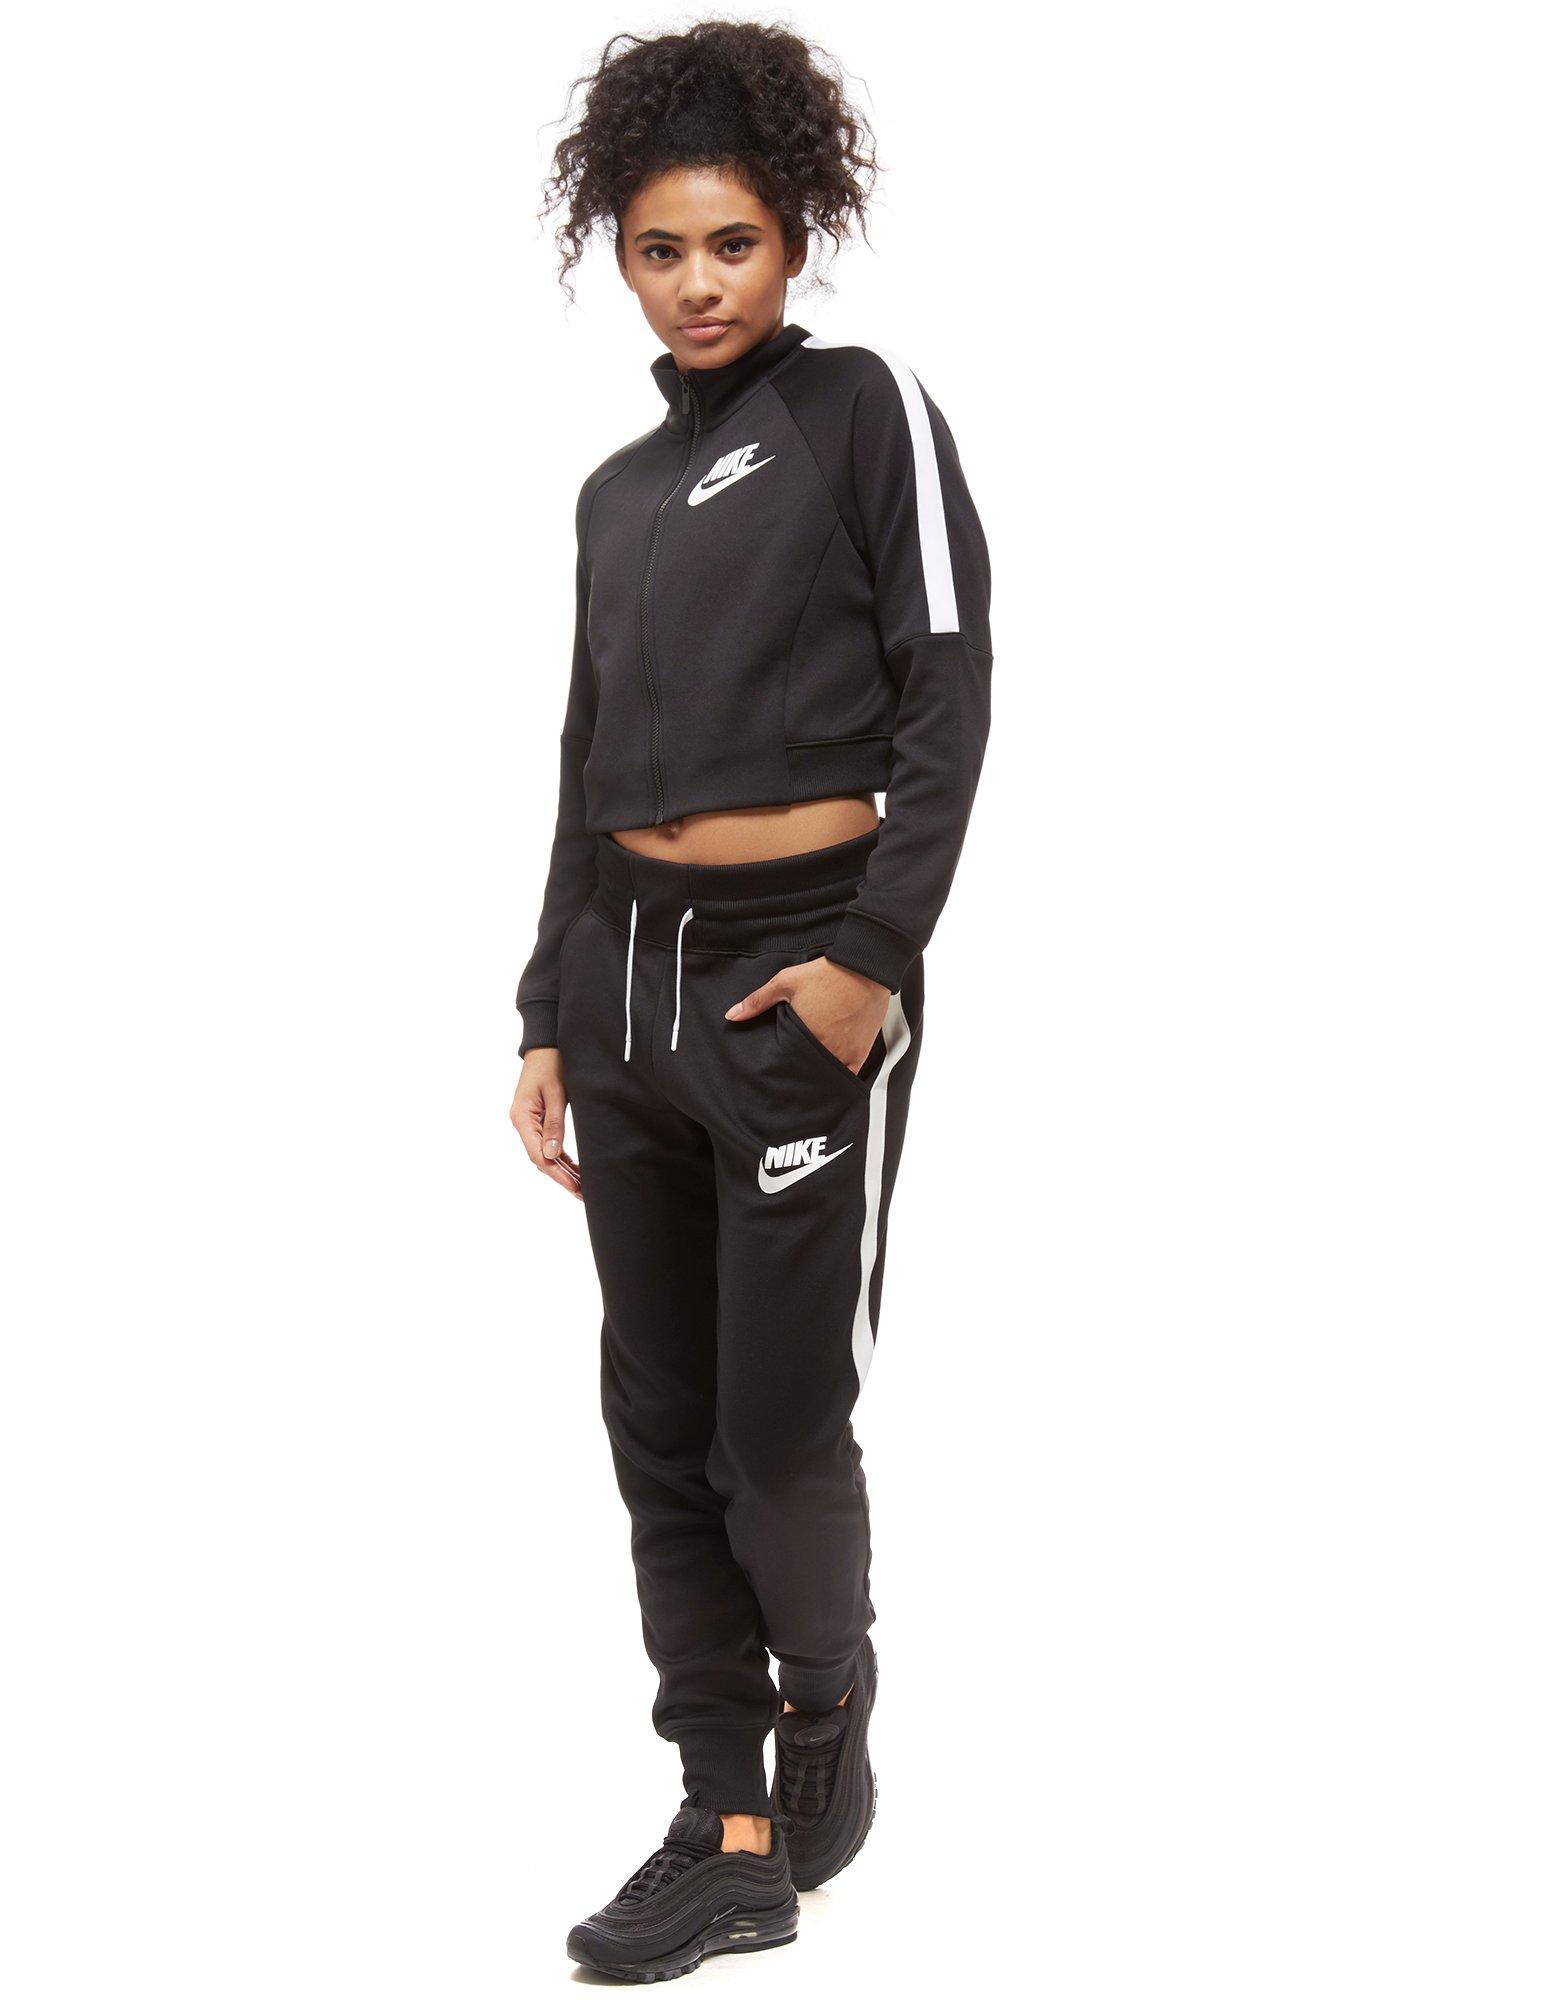 Nike damen jacke the n98